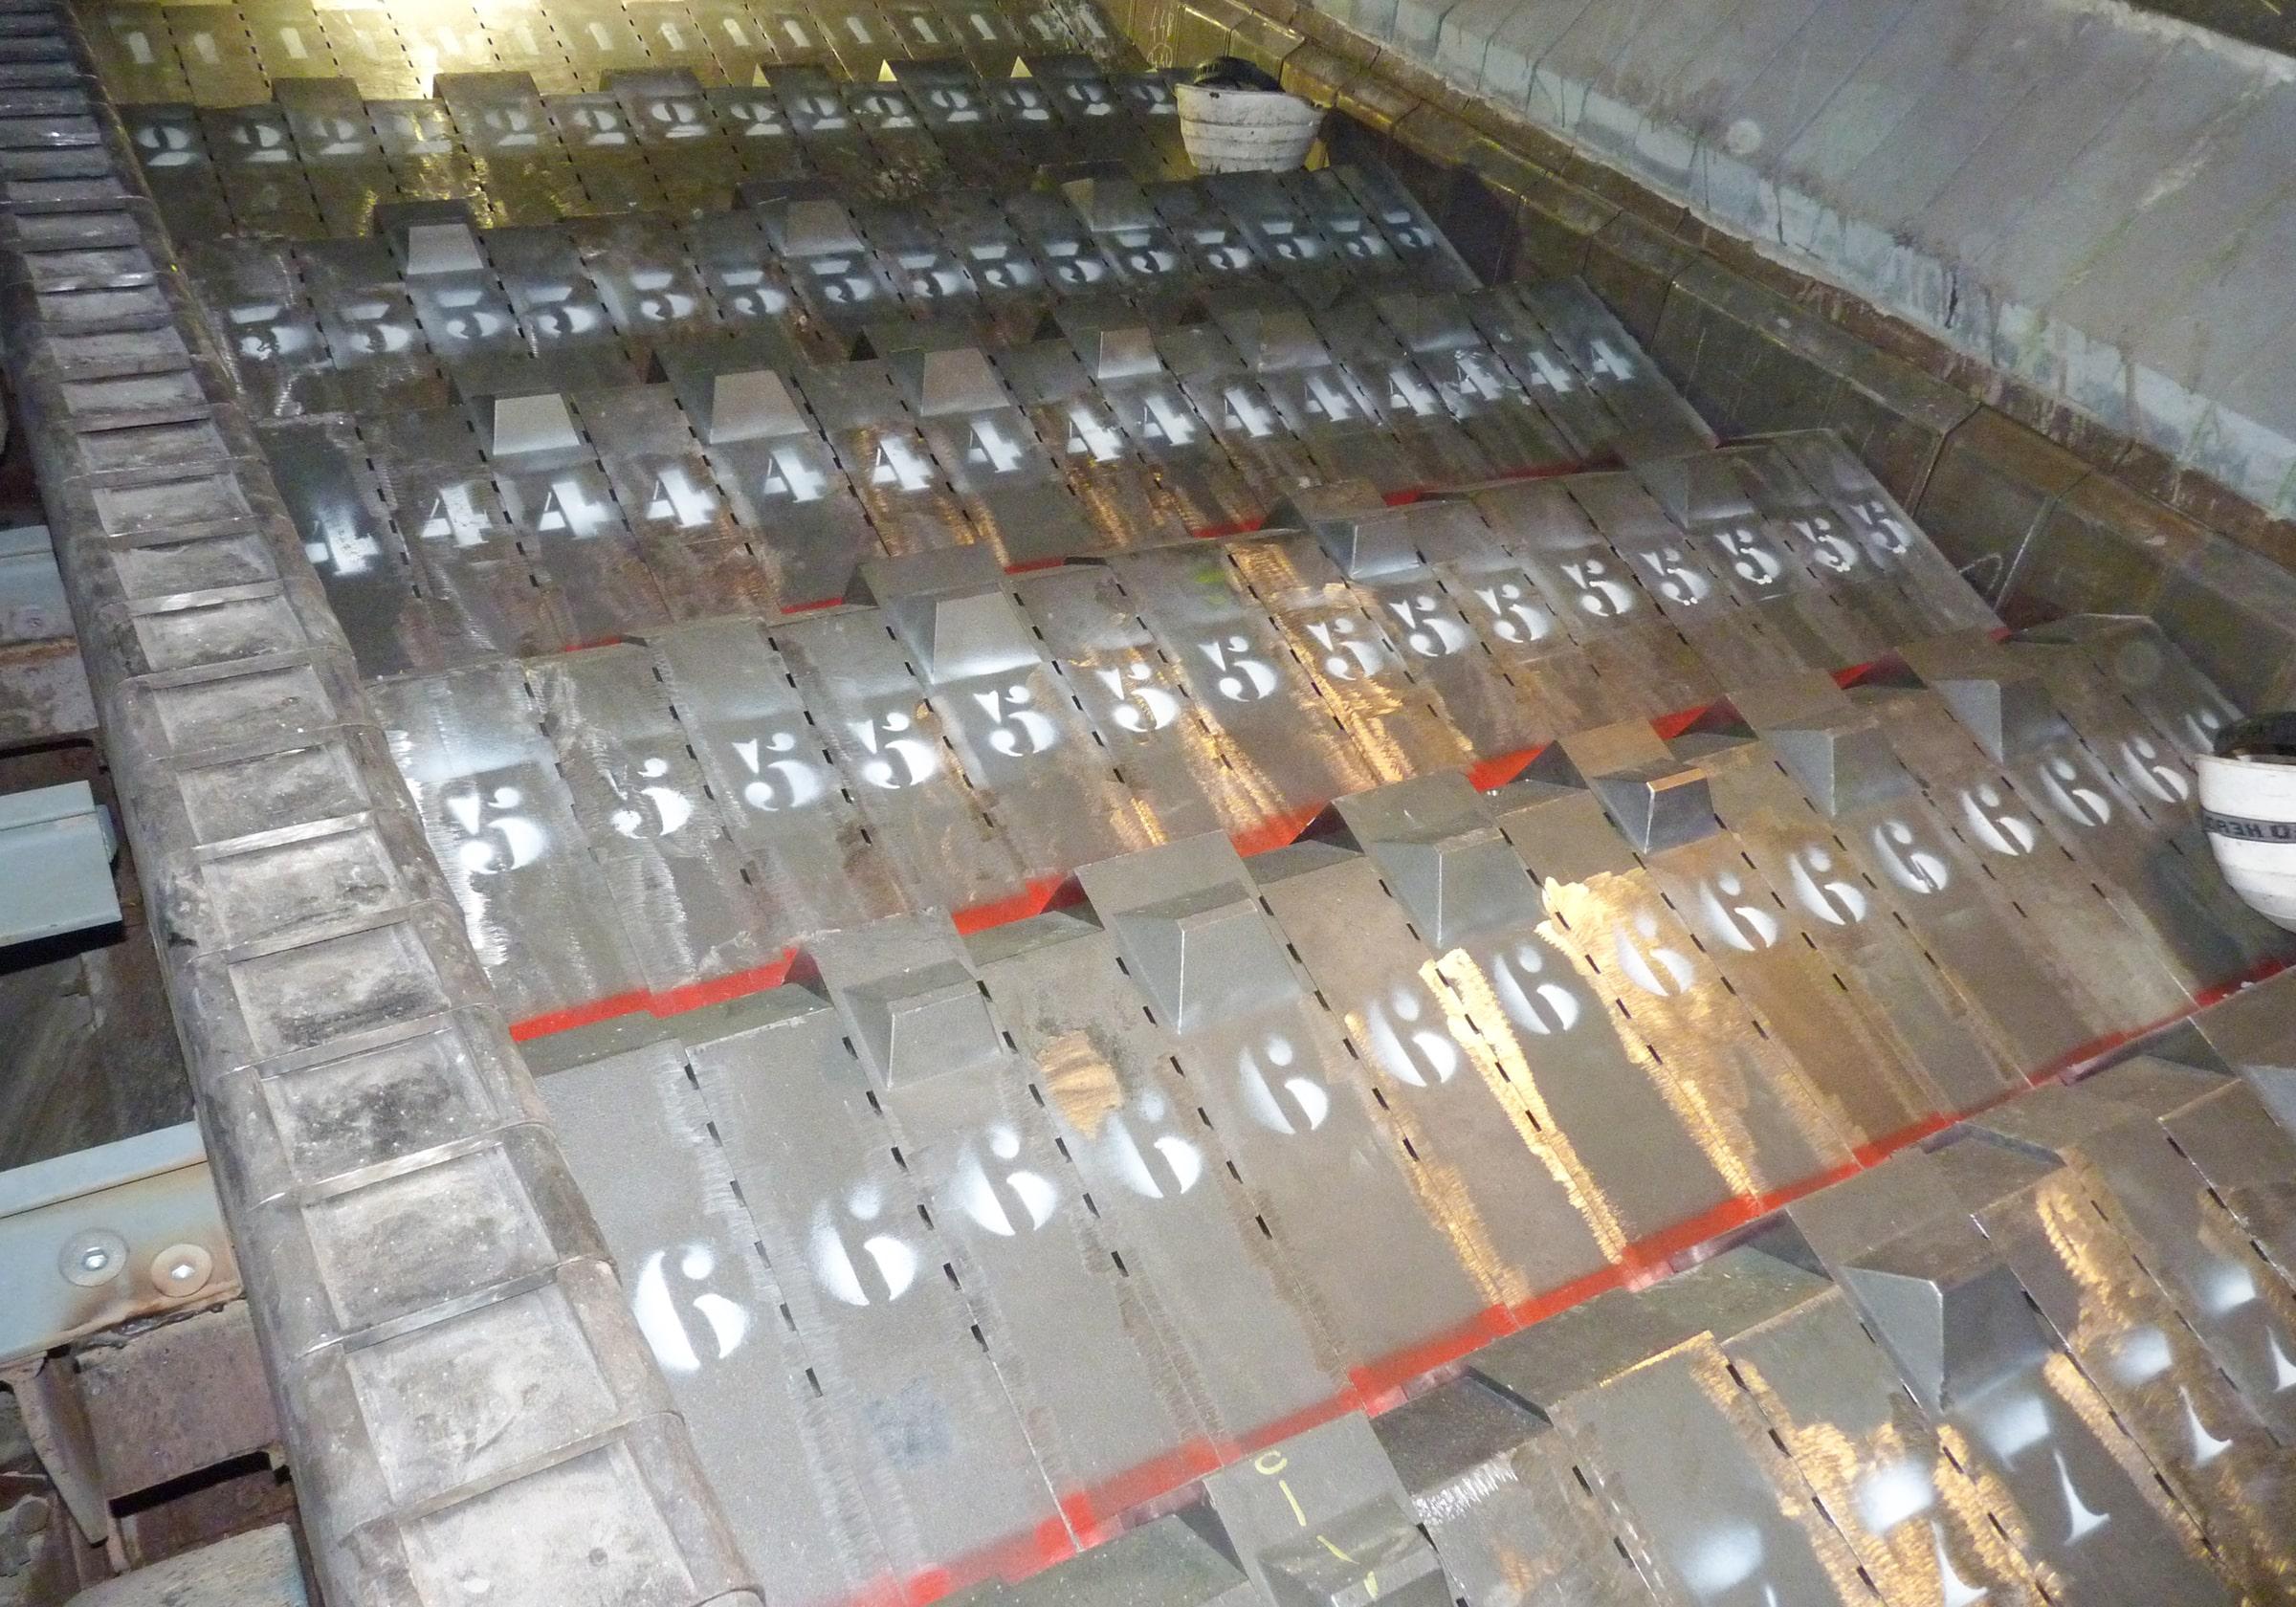 grille d'incineration maintenance four d'incineration ordures ménagères